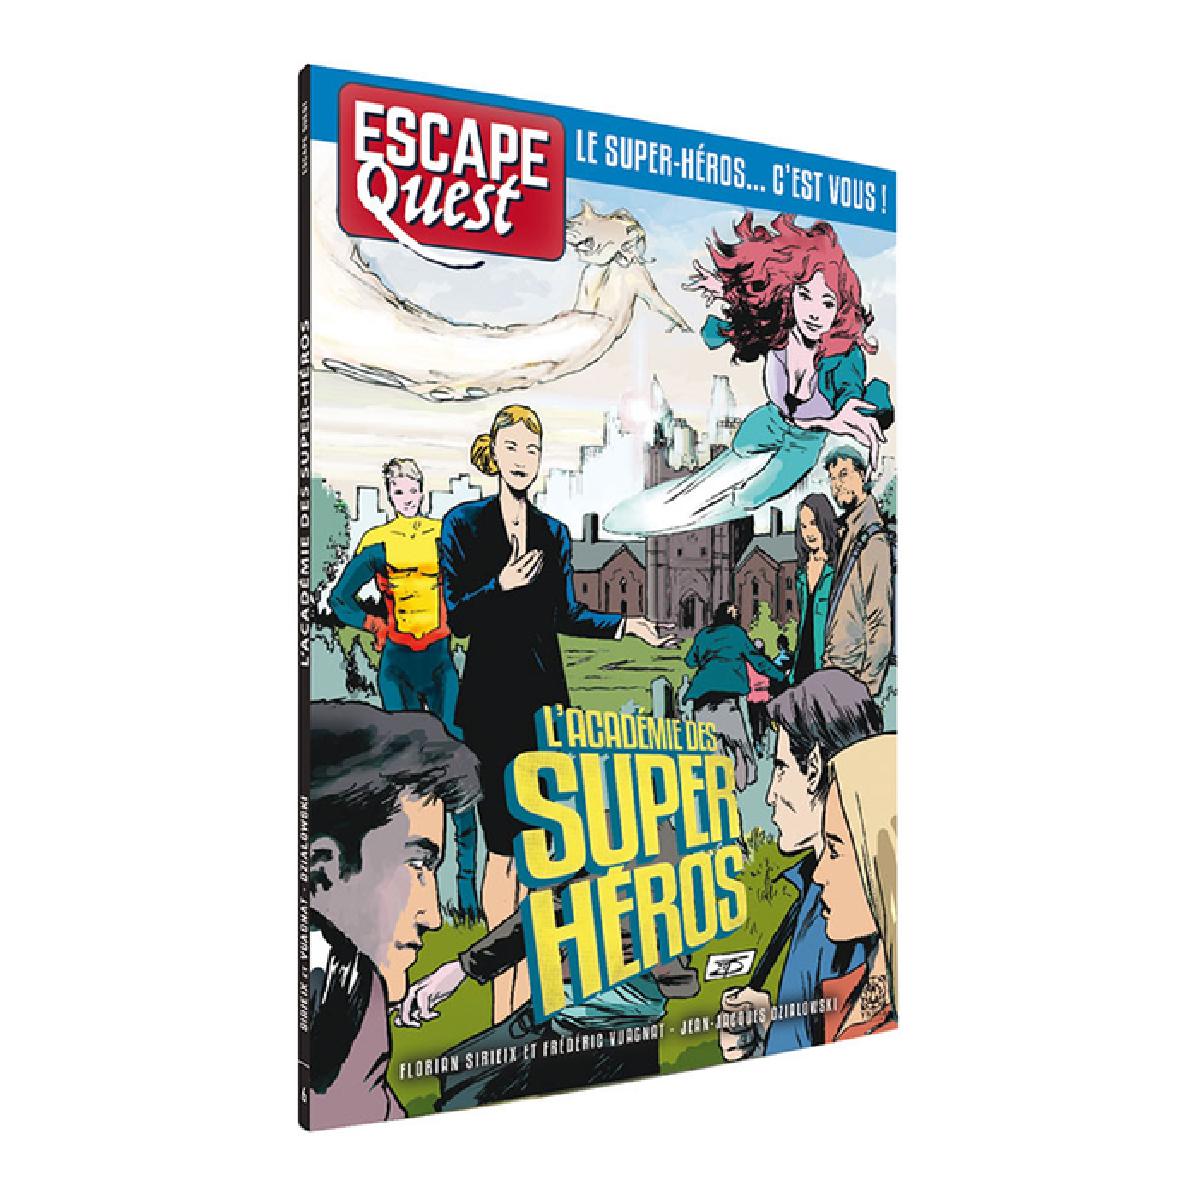 Livre Escape Quest - L'académiedes super-héros   17,99$